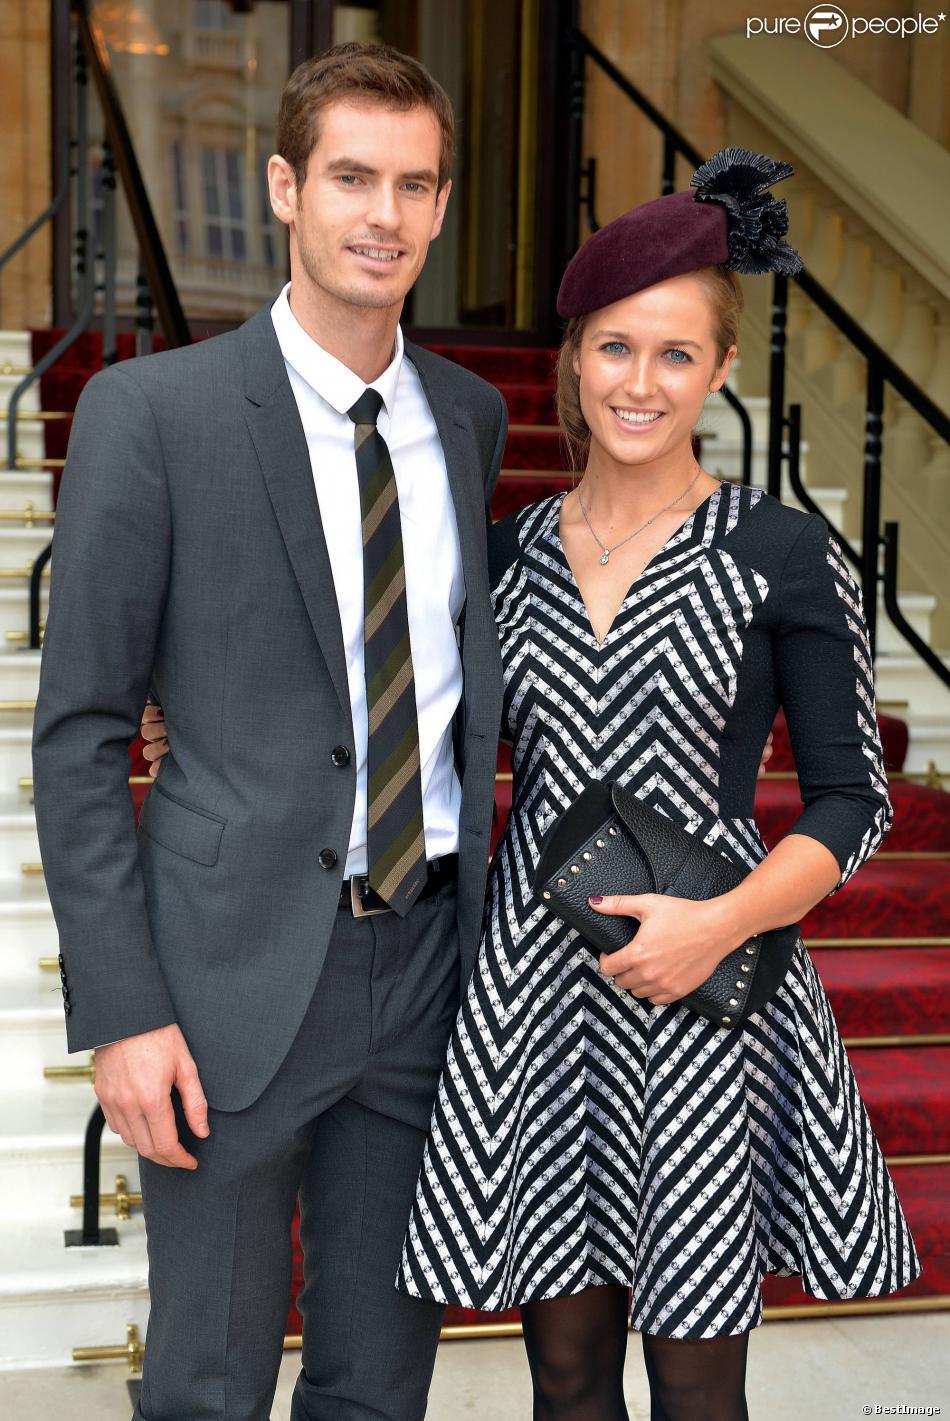 Andy Murray, et Kim Sears, après avoir été fait officier de l'ordre de l'Empire Britannique par le prince William, au palais de Buckingham, le 17 octobre 2013